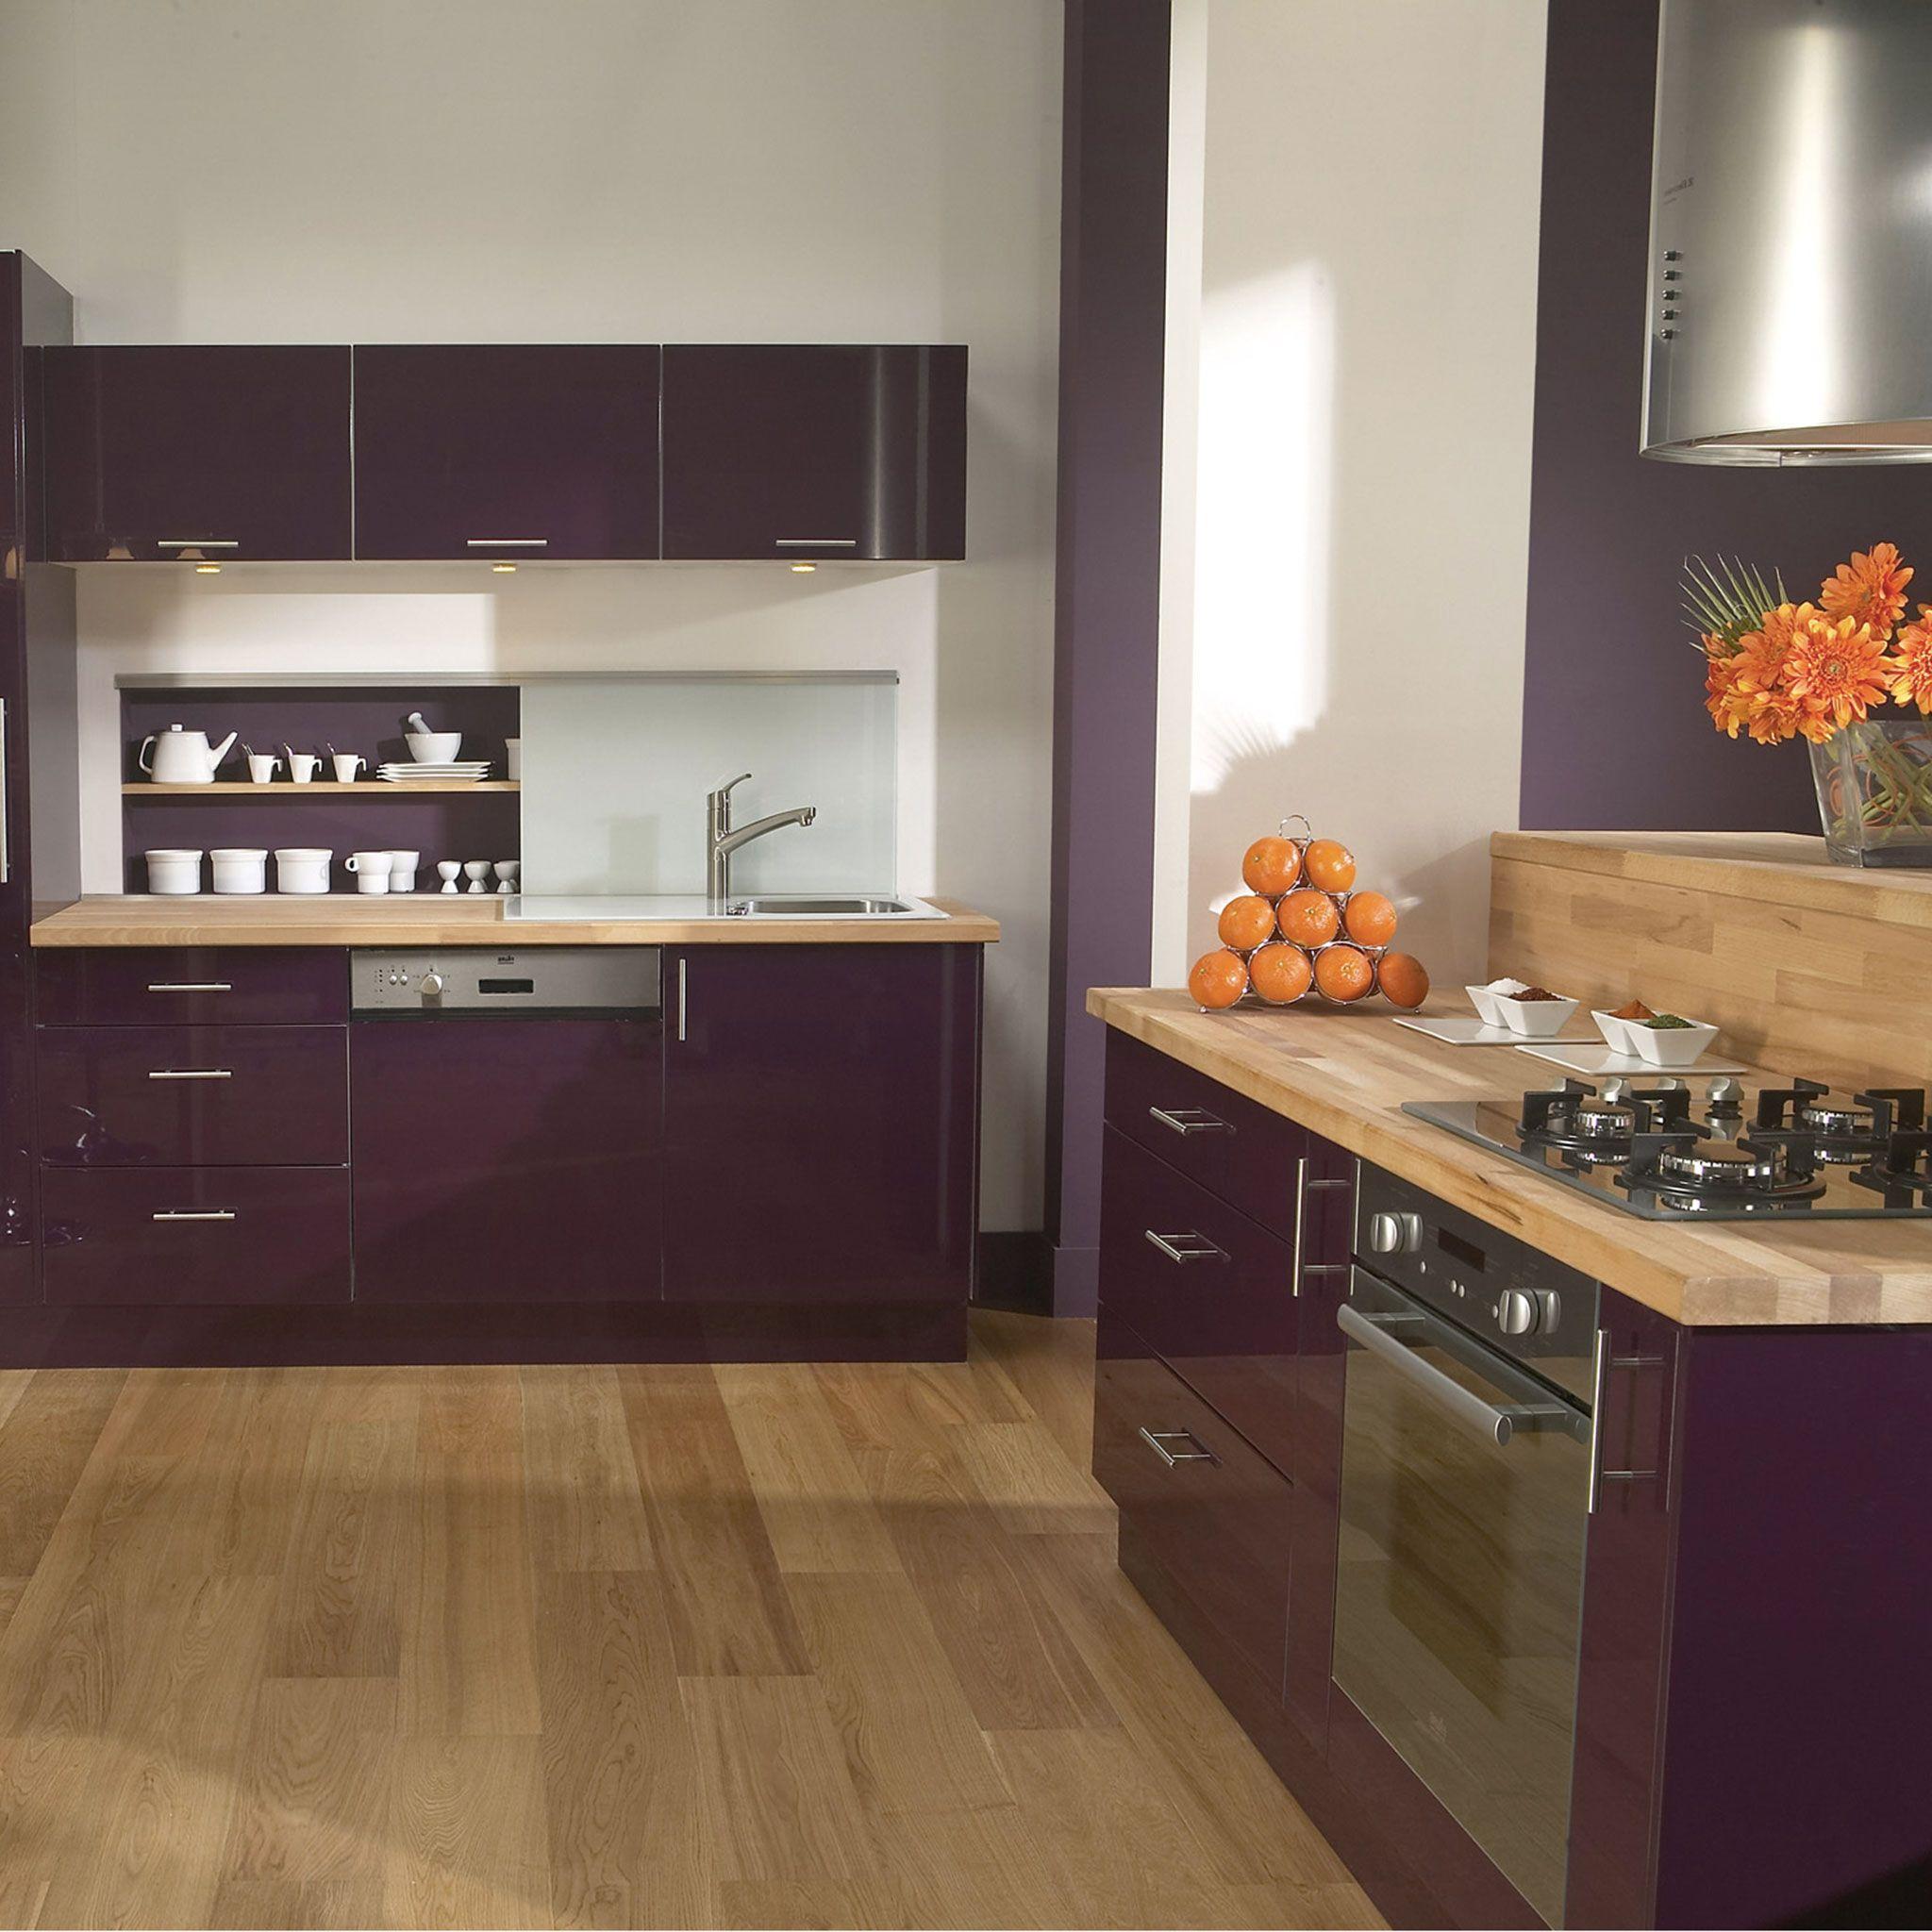 Meuble De Cuisine Delinia Composition Type Aubergine Violet - Buffet de cuisine conforama occasion pour idees de deco de cuisine